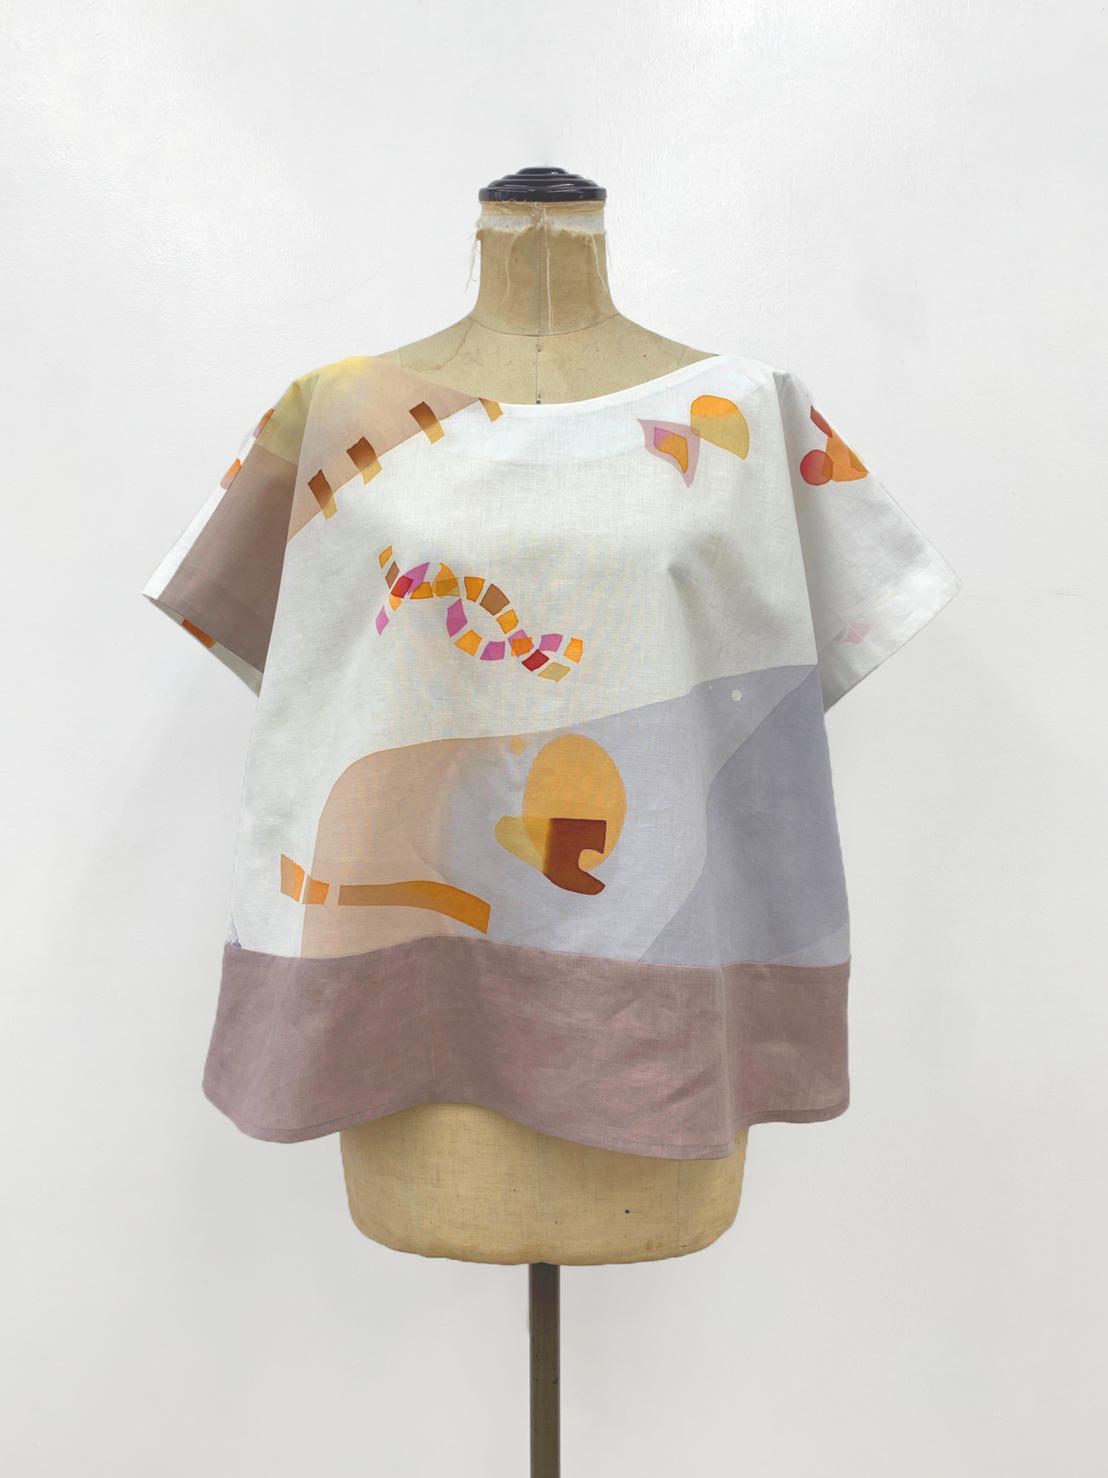 「傘のむこう」イイダ傘店コラボレーションアイテム blouse 「ナイスなおでん」